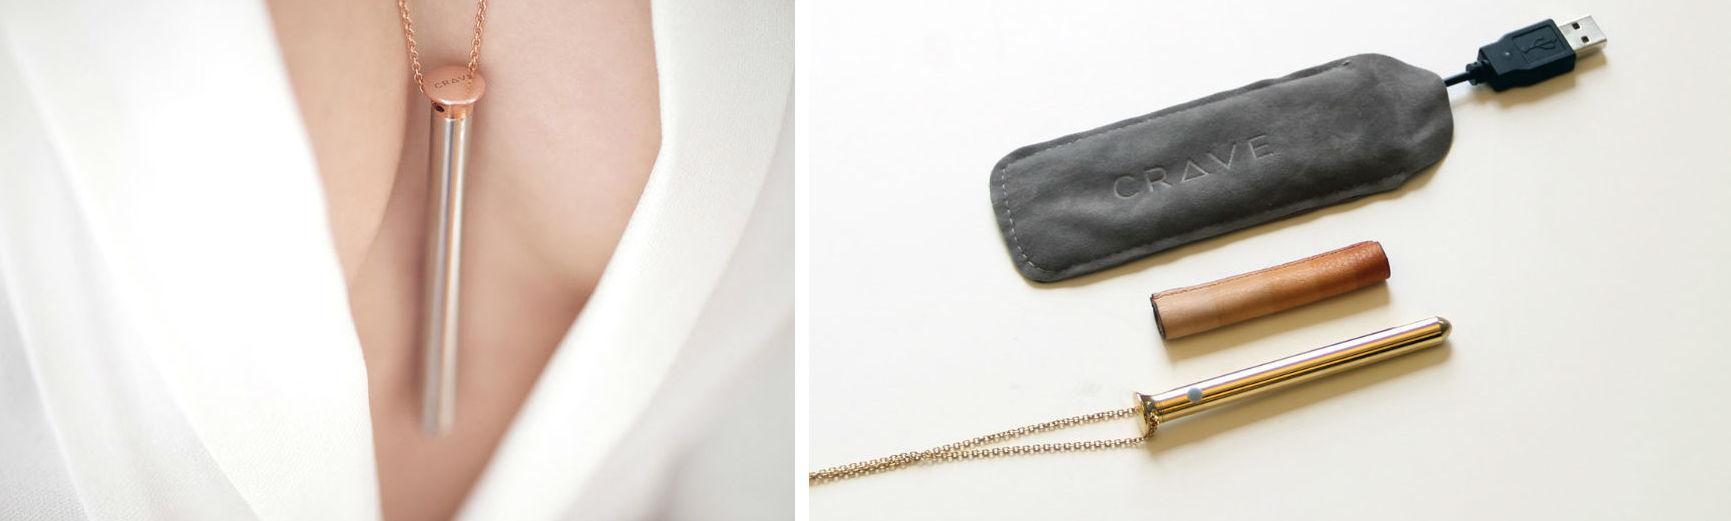 Умная бижутерия: кольца, браслеты, серьги и кулоны, которые на что-то способны - 13